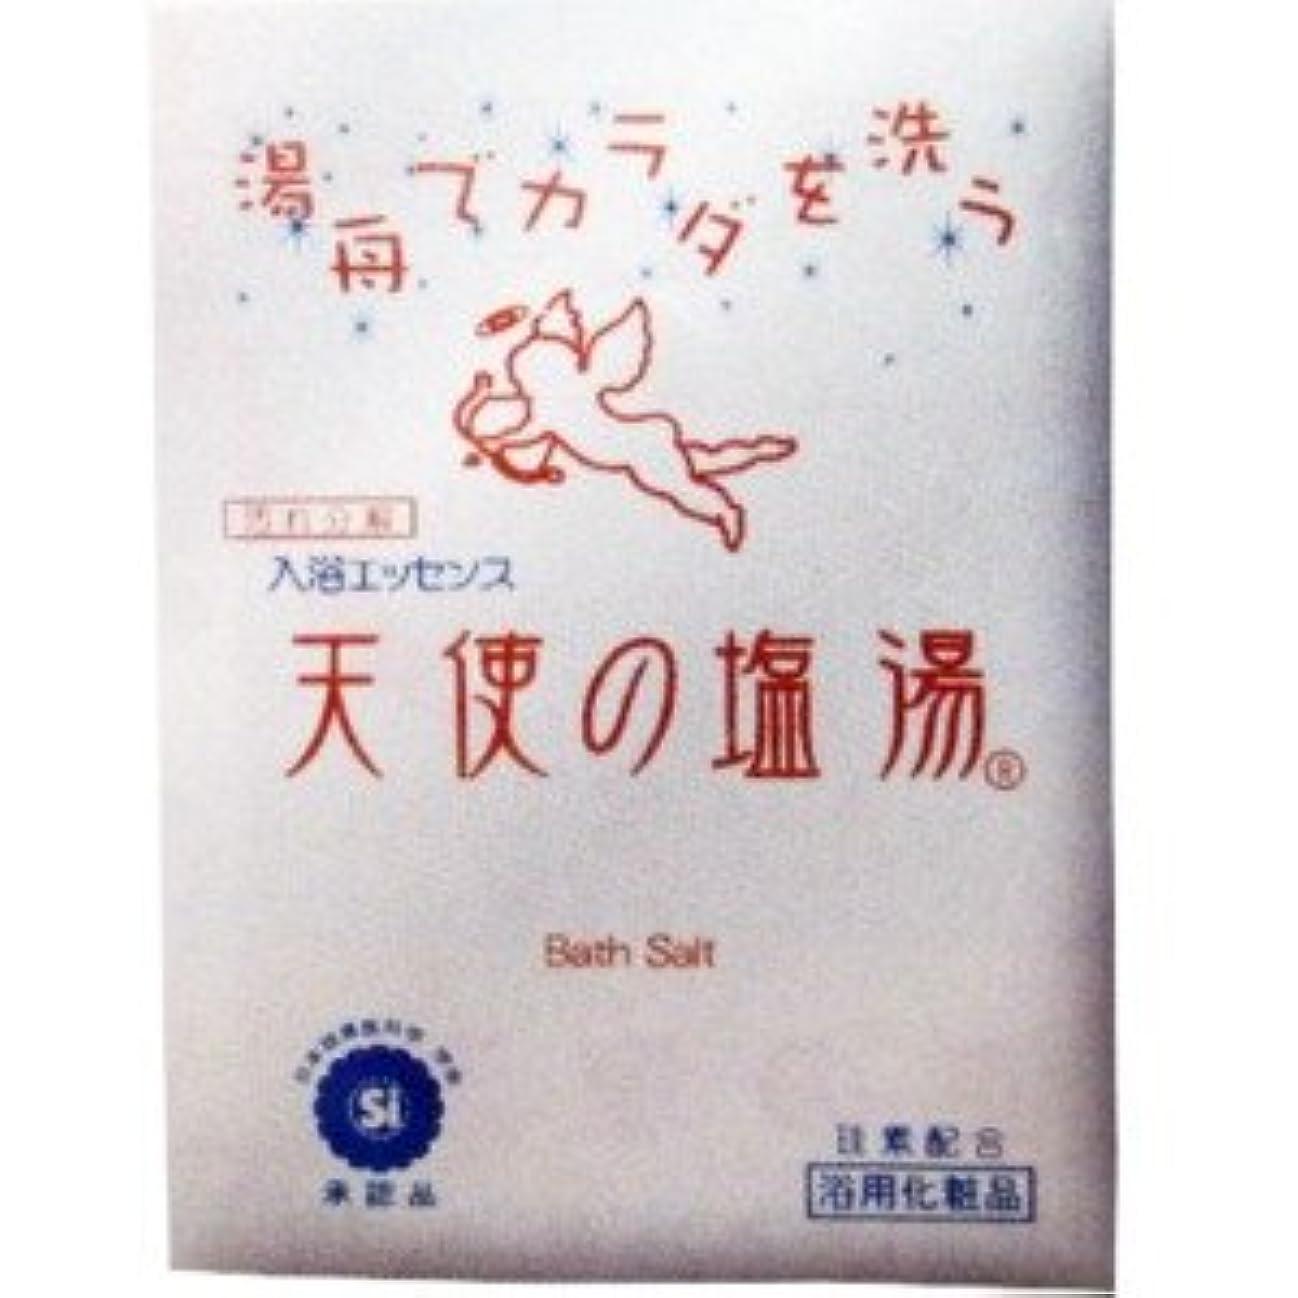 腐敗報酬伝染病【日本製】入浴エッセンス天使の塩湯